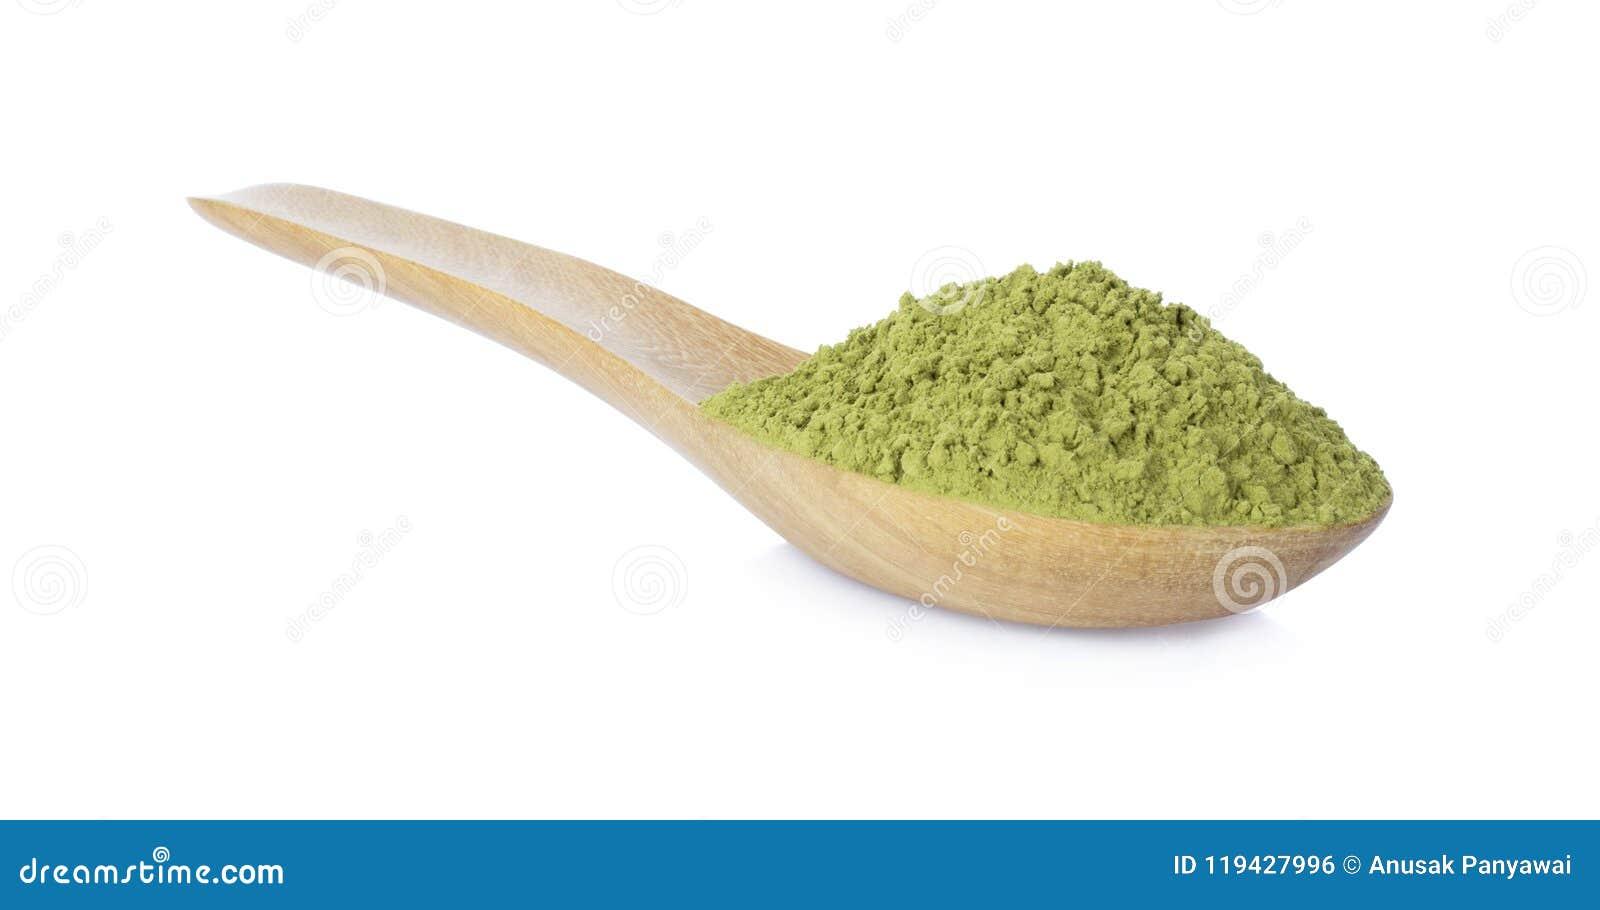 与竹匙子的粉末绿茶在白色背景